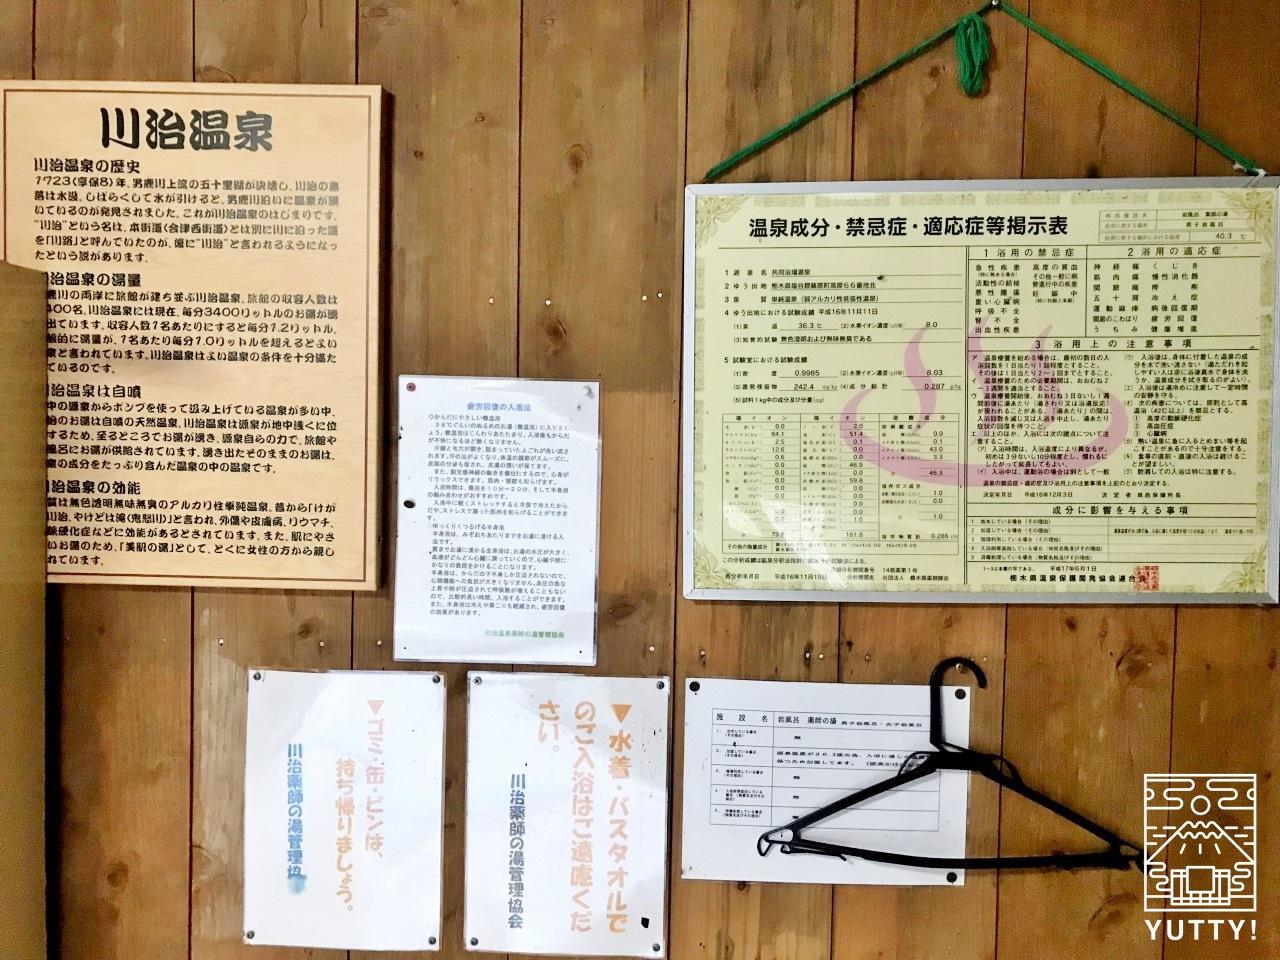 薬師の湯 露天風呂の温泉分析表の写真